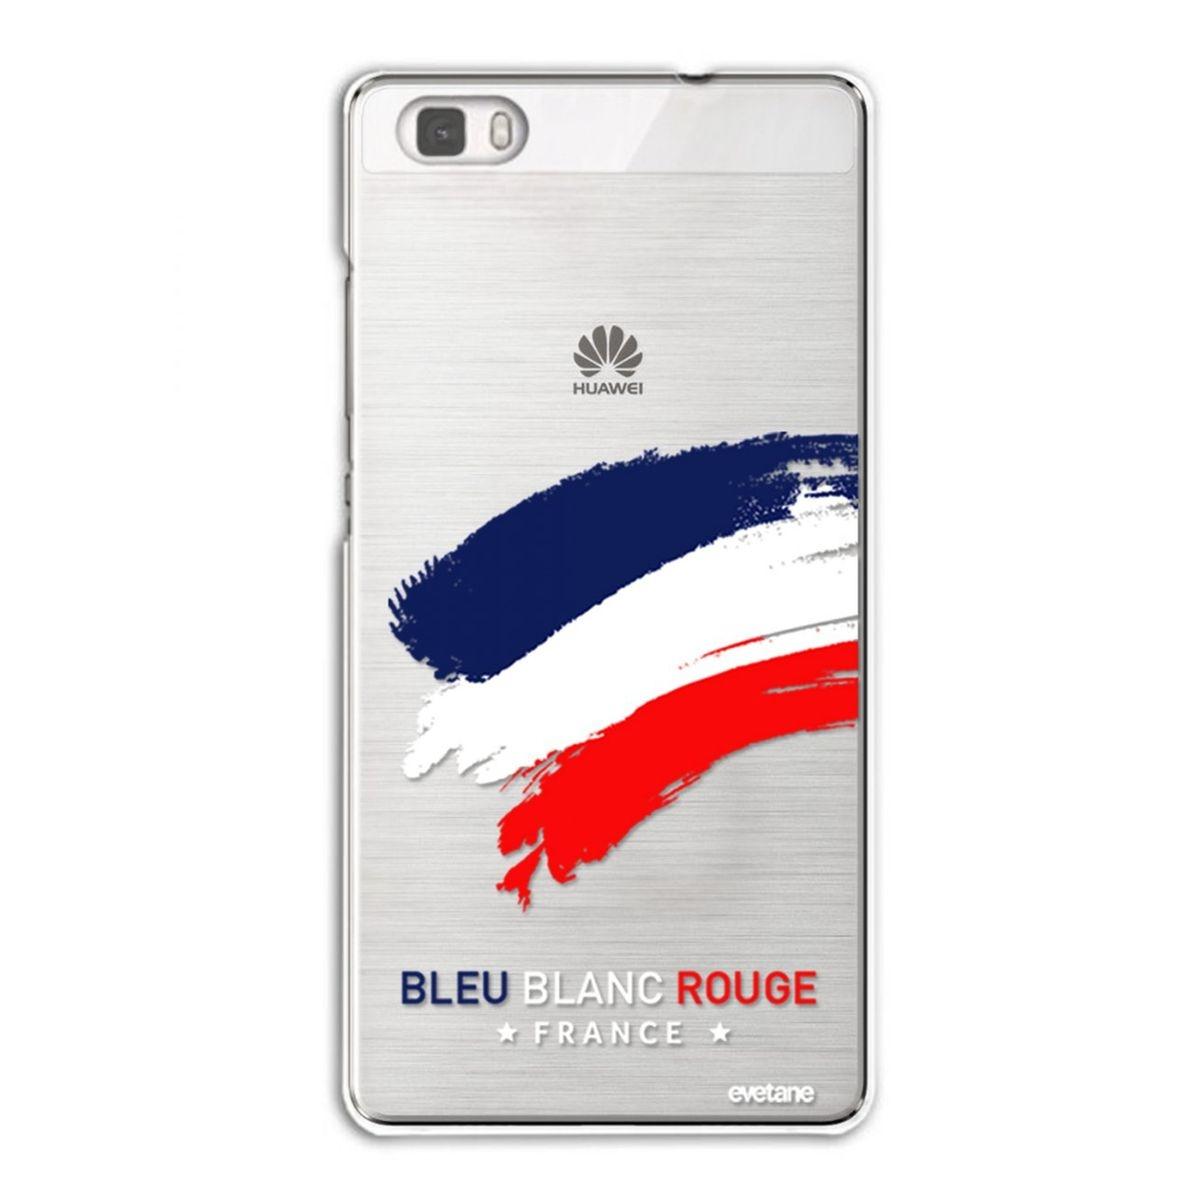 Coque Huawei P8 Lite rigide transparente, France, Evetane®